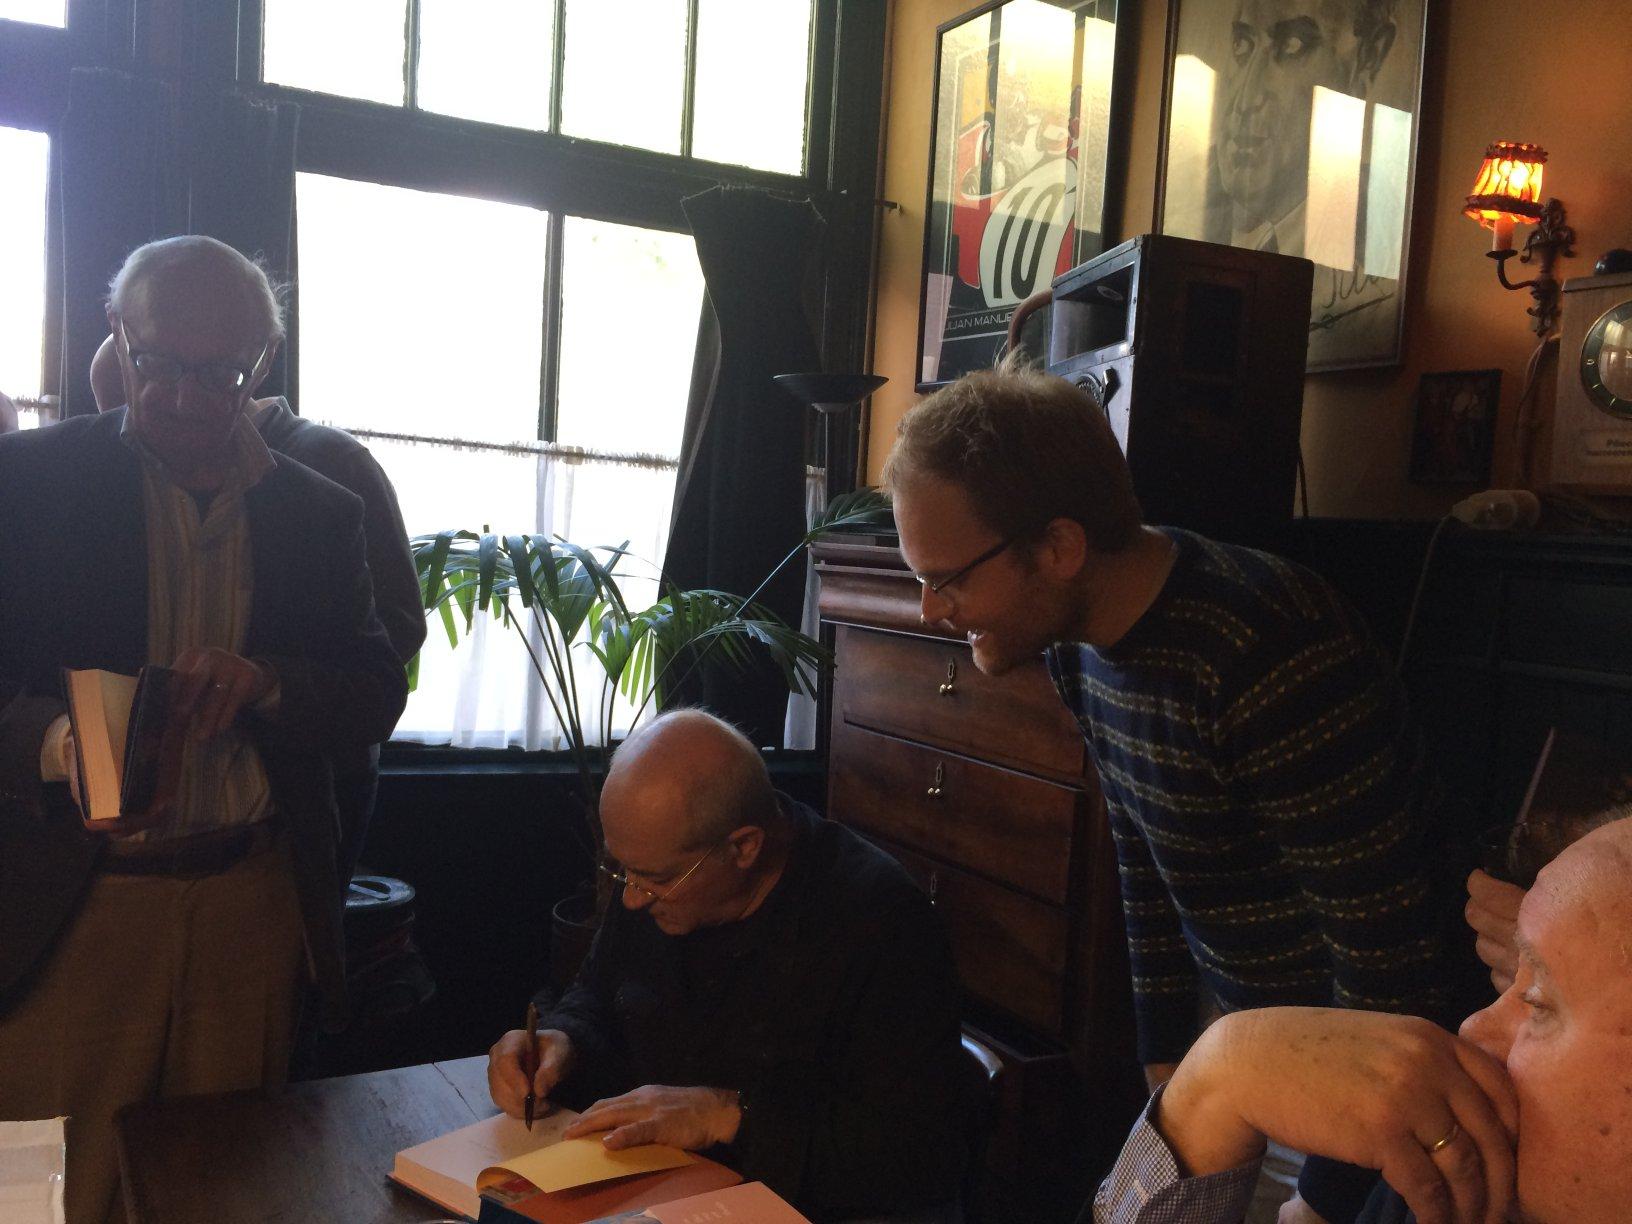 Wiener signeert voor de directeur